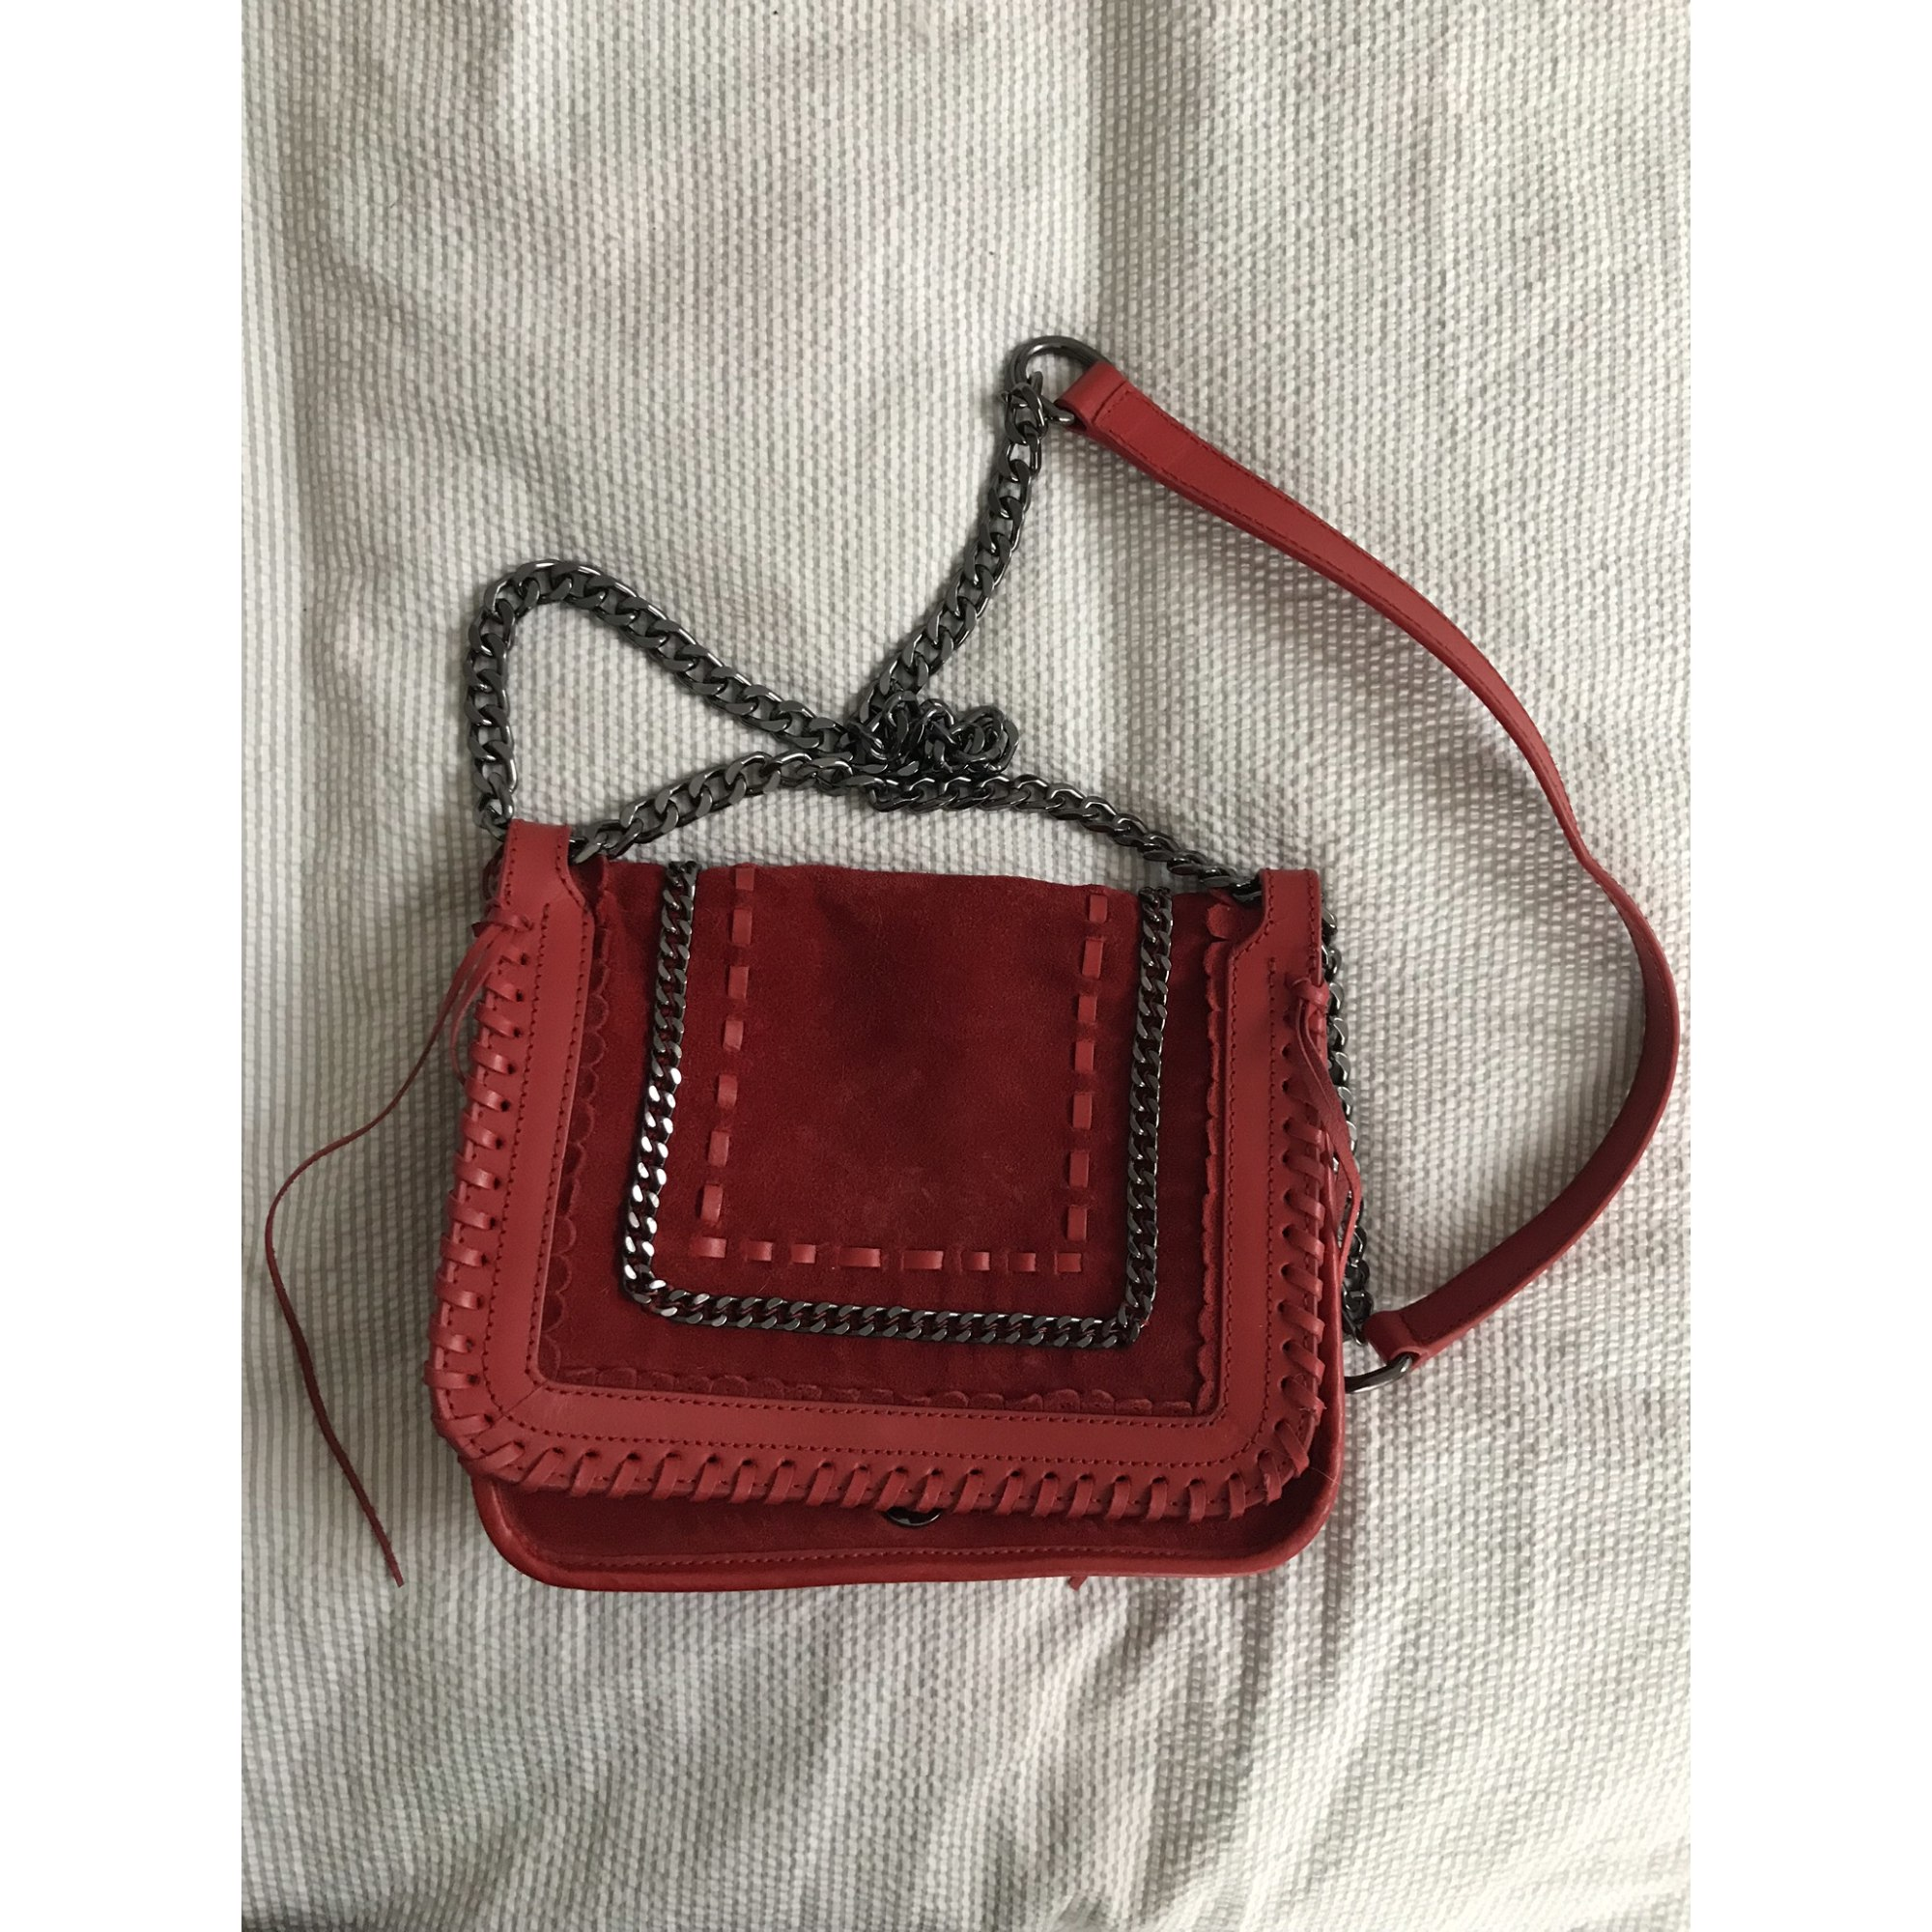 c86a5fea13 Sac en bandoulière en cuir ZARA rouge vendu par Floisflo547561 - 7544647